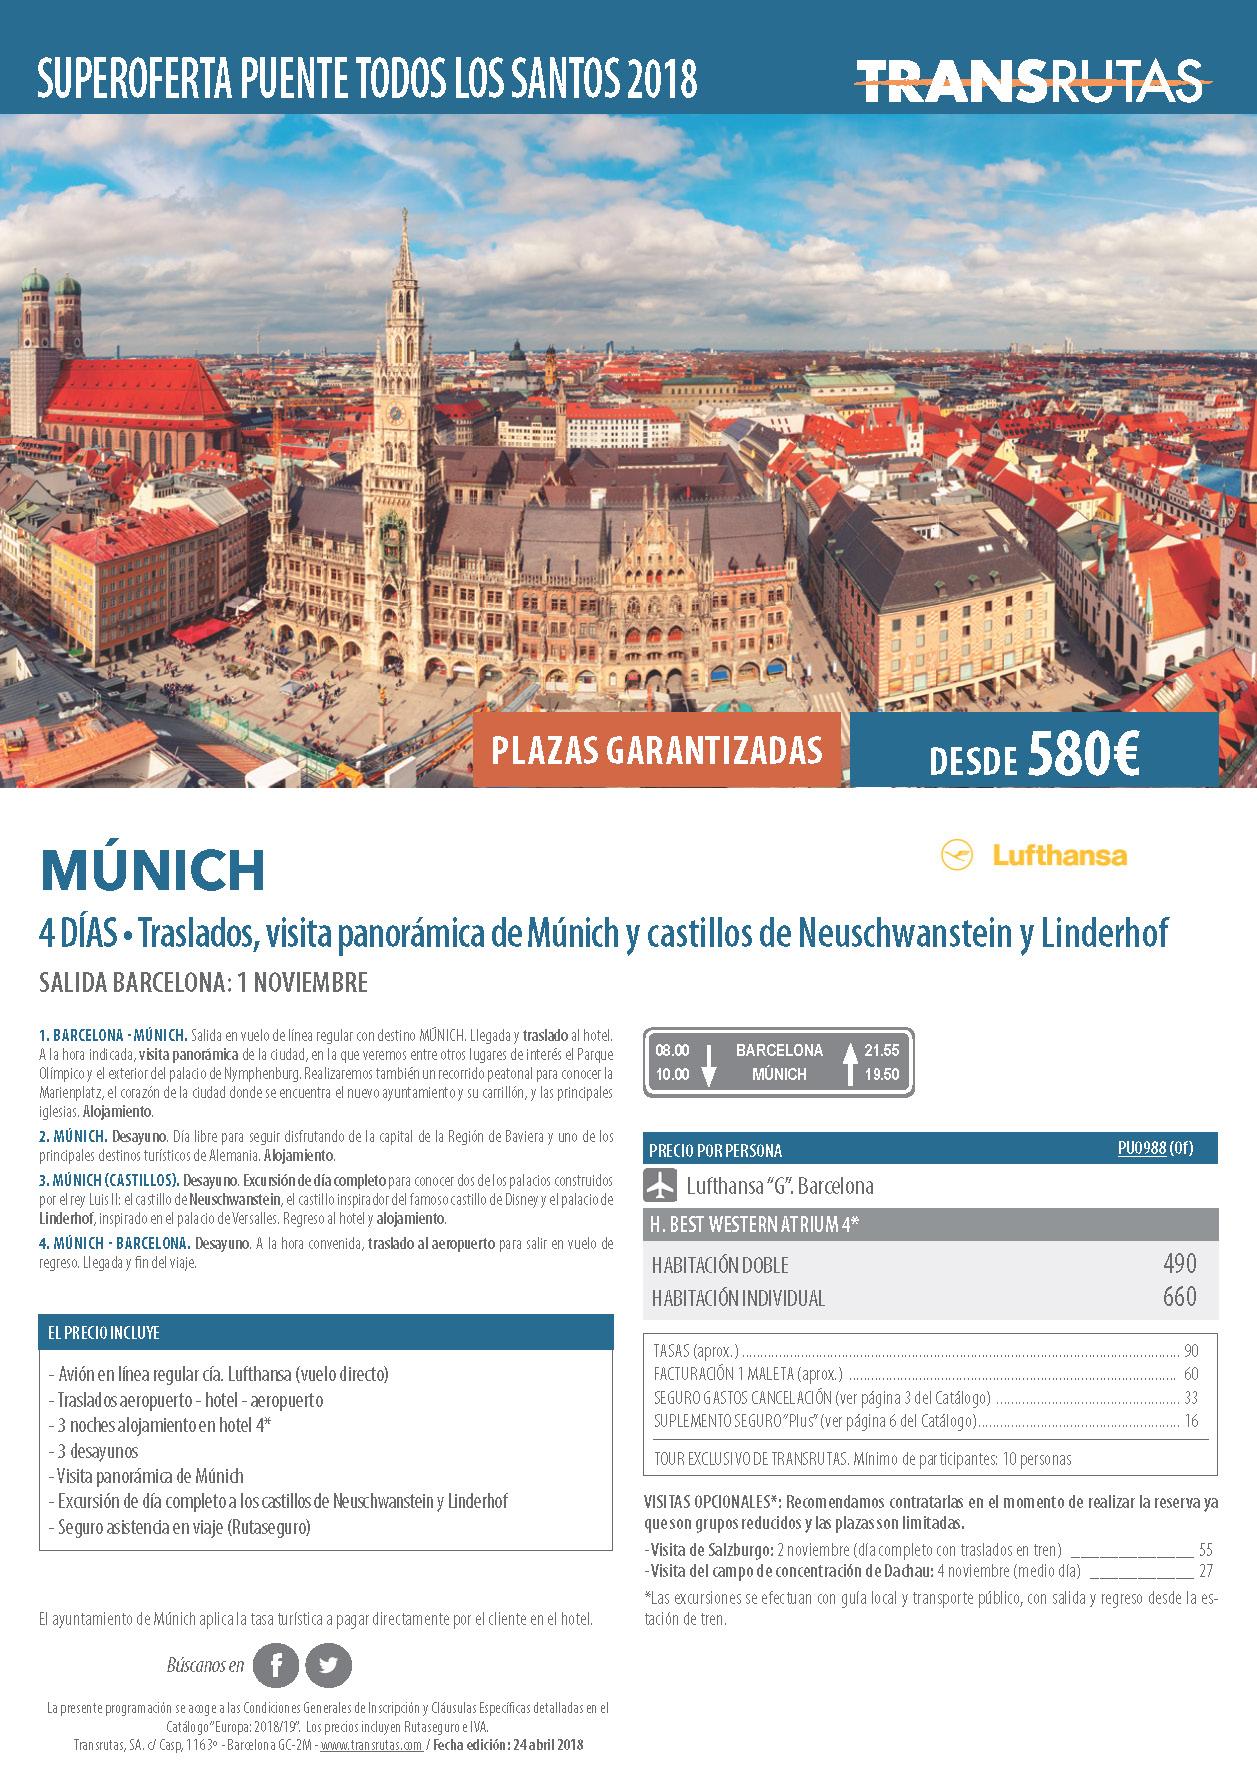 Oferta Transrutas Puente de Todos los Santos 2018 en Munich vuelo directo desde Barcelona